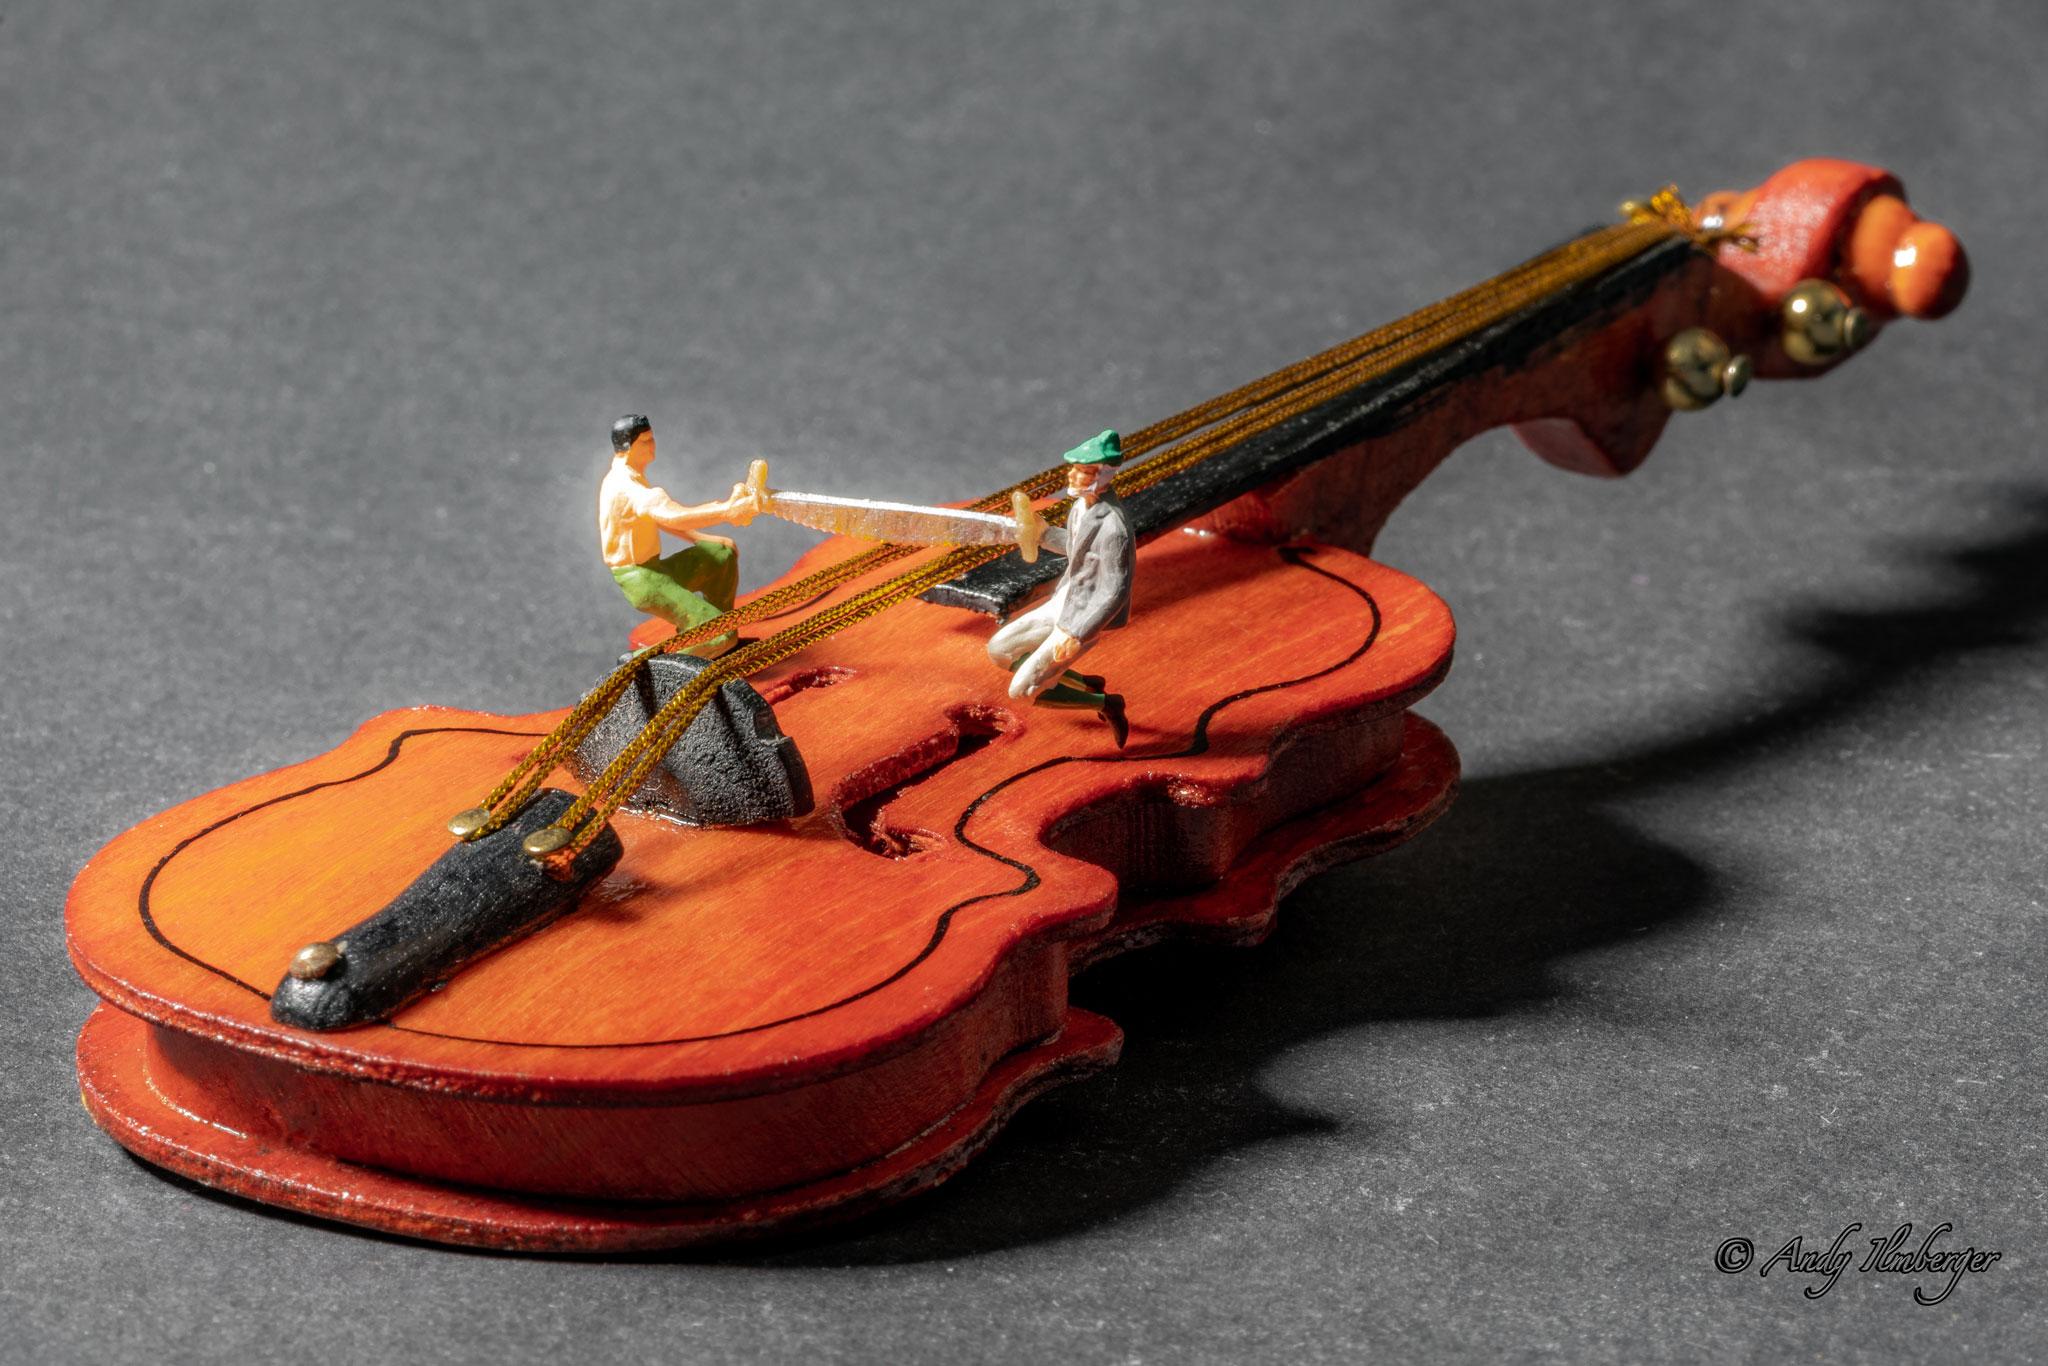 H0-Helden - Geigenspieler - H0-Figuren in Szene gesetzt von © Andy Ilmberger im Kleine-Helden.Club